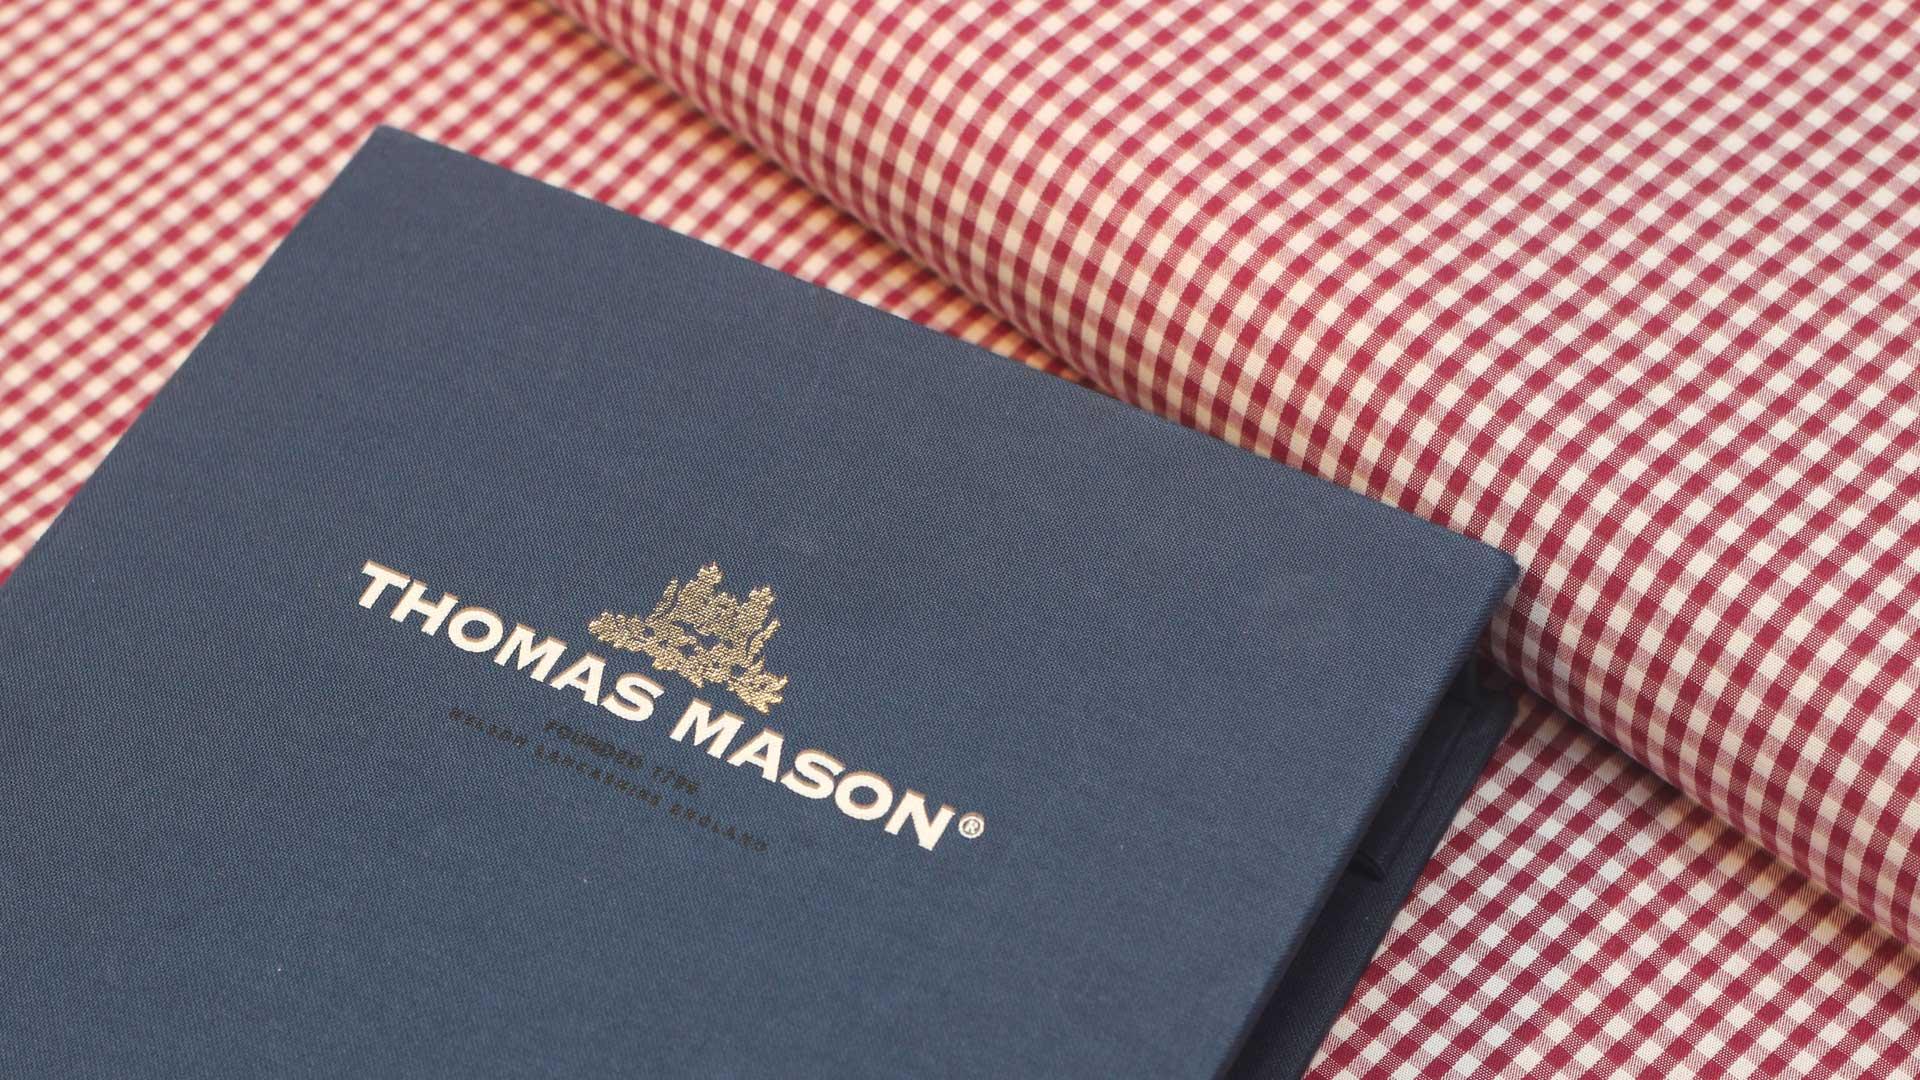 5 Thomas Mason